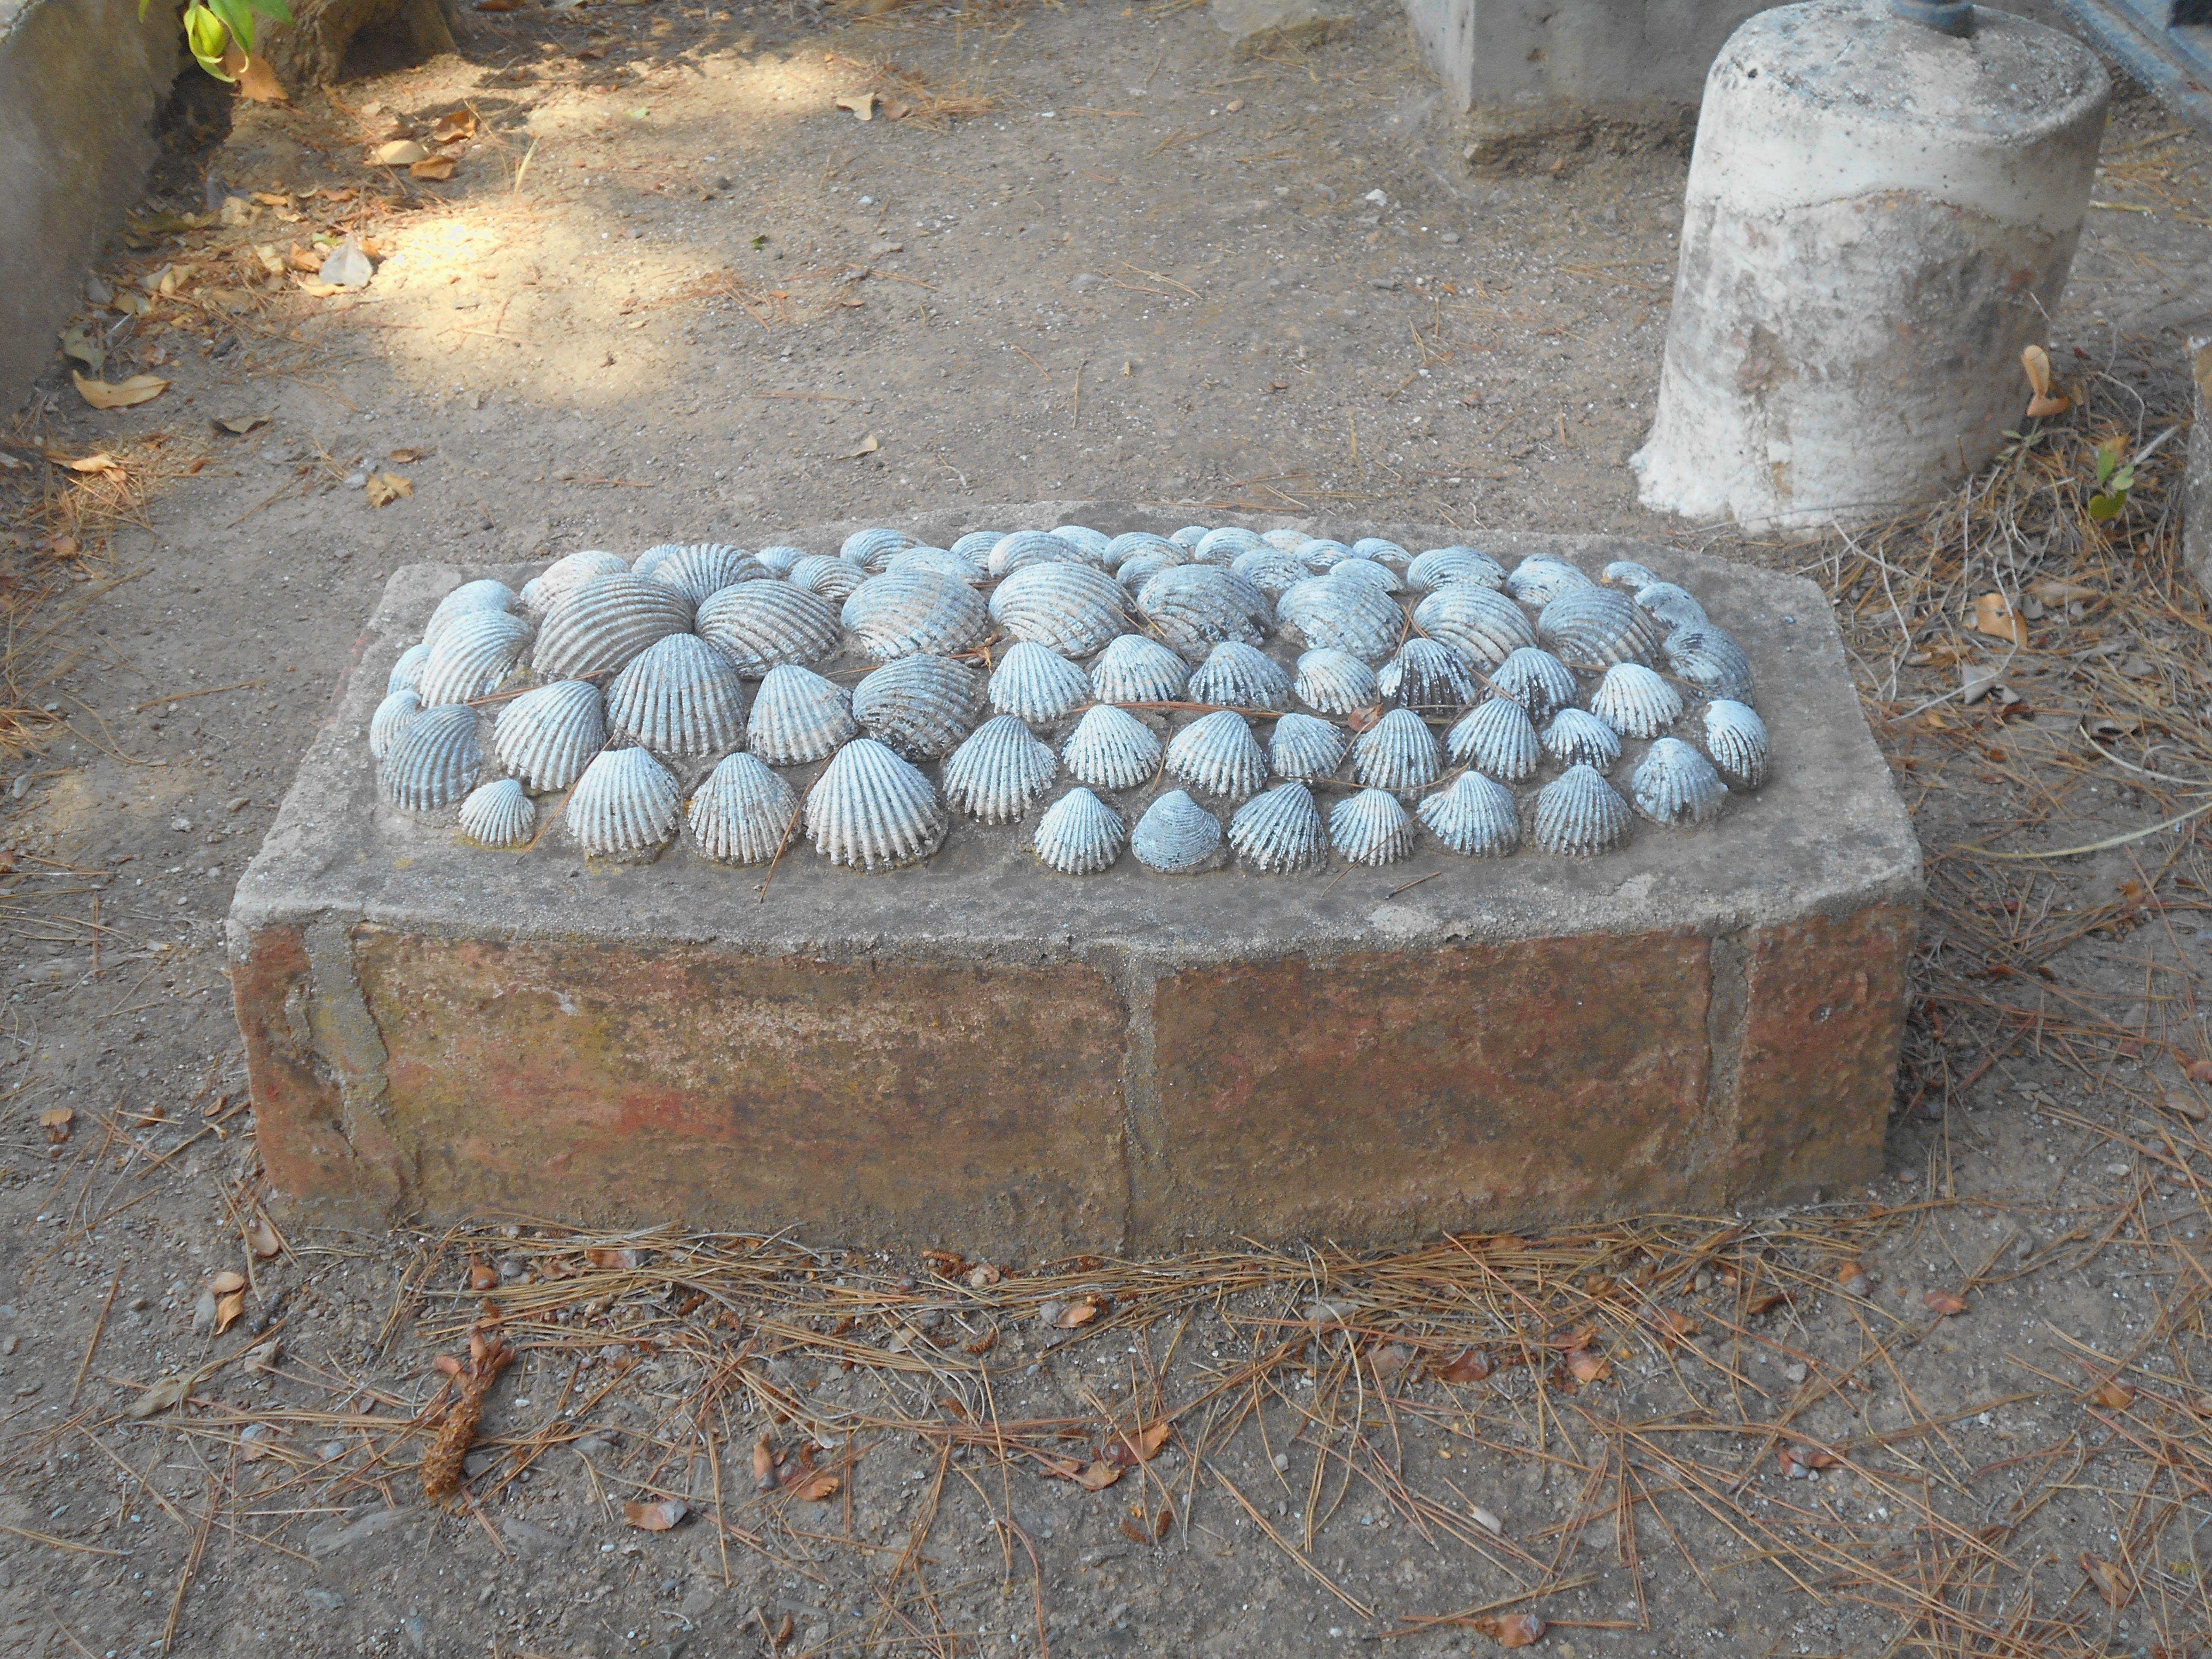 Una de las tumbas mas antiguas. las cochas recuerdan que hasta la existencia de este cementerio a los británicos fallecidos se les enterraba en las playas , junto al rompeolas, durante la noche , desapareciendo sus  restos en poco tiempo. Esto ocasionaba problemas de insalubridad